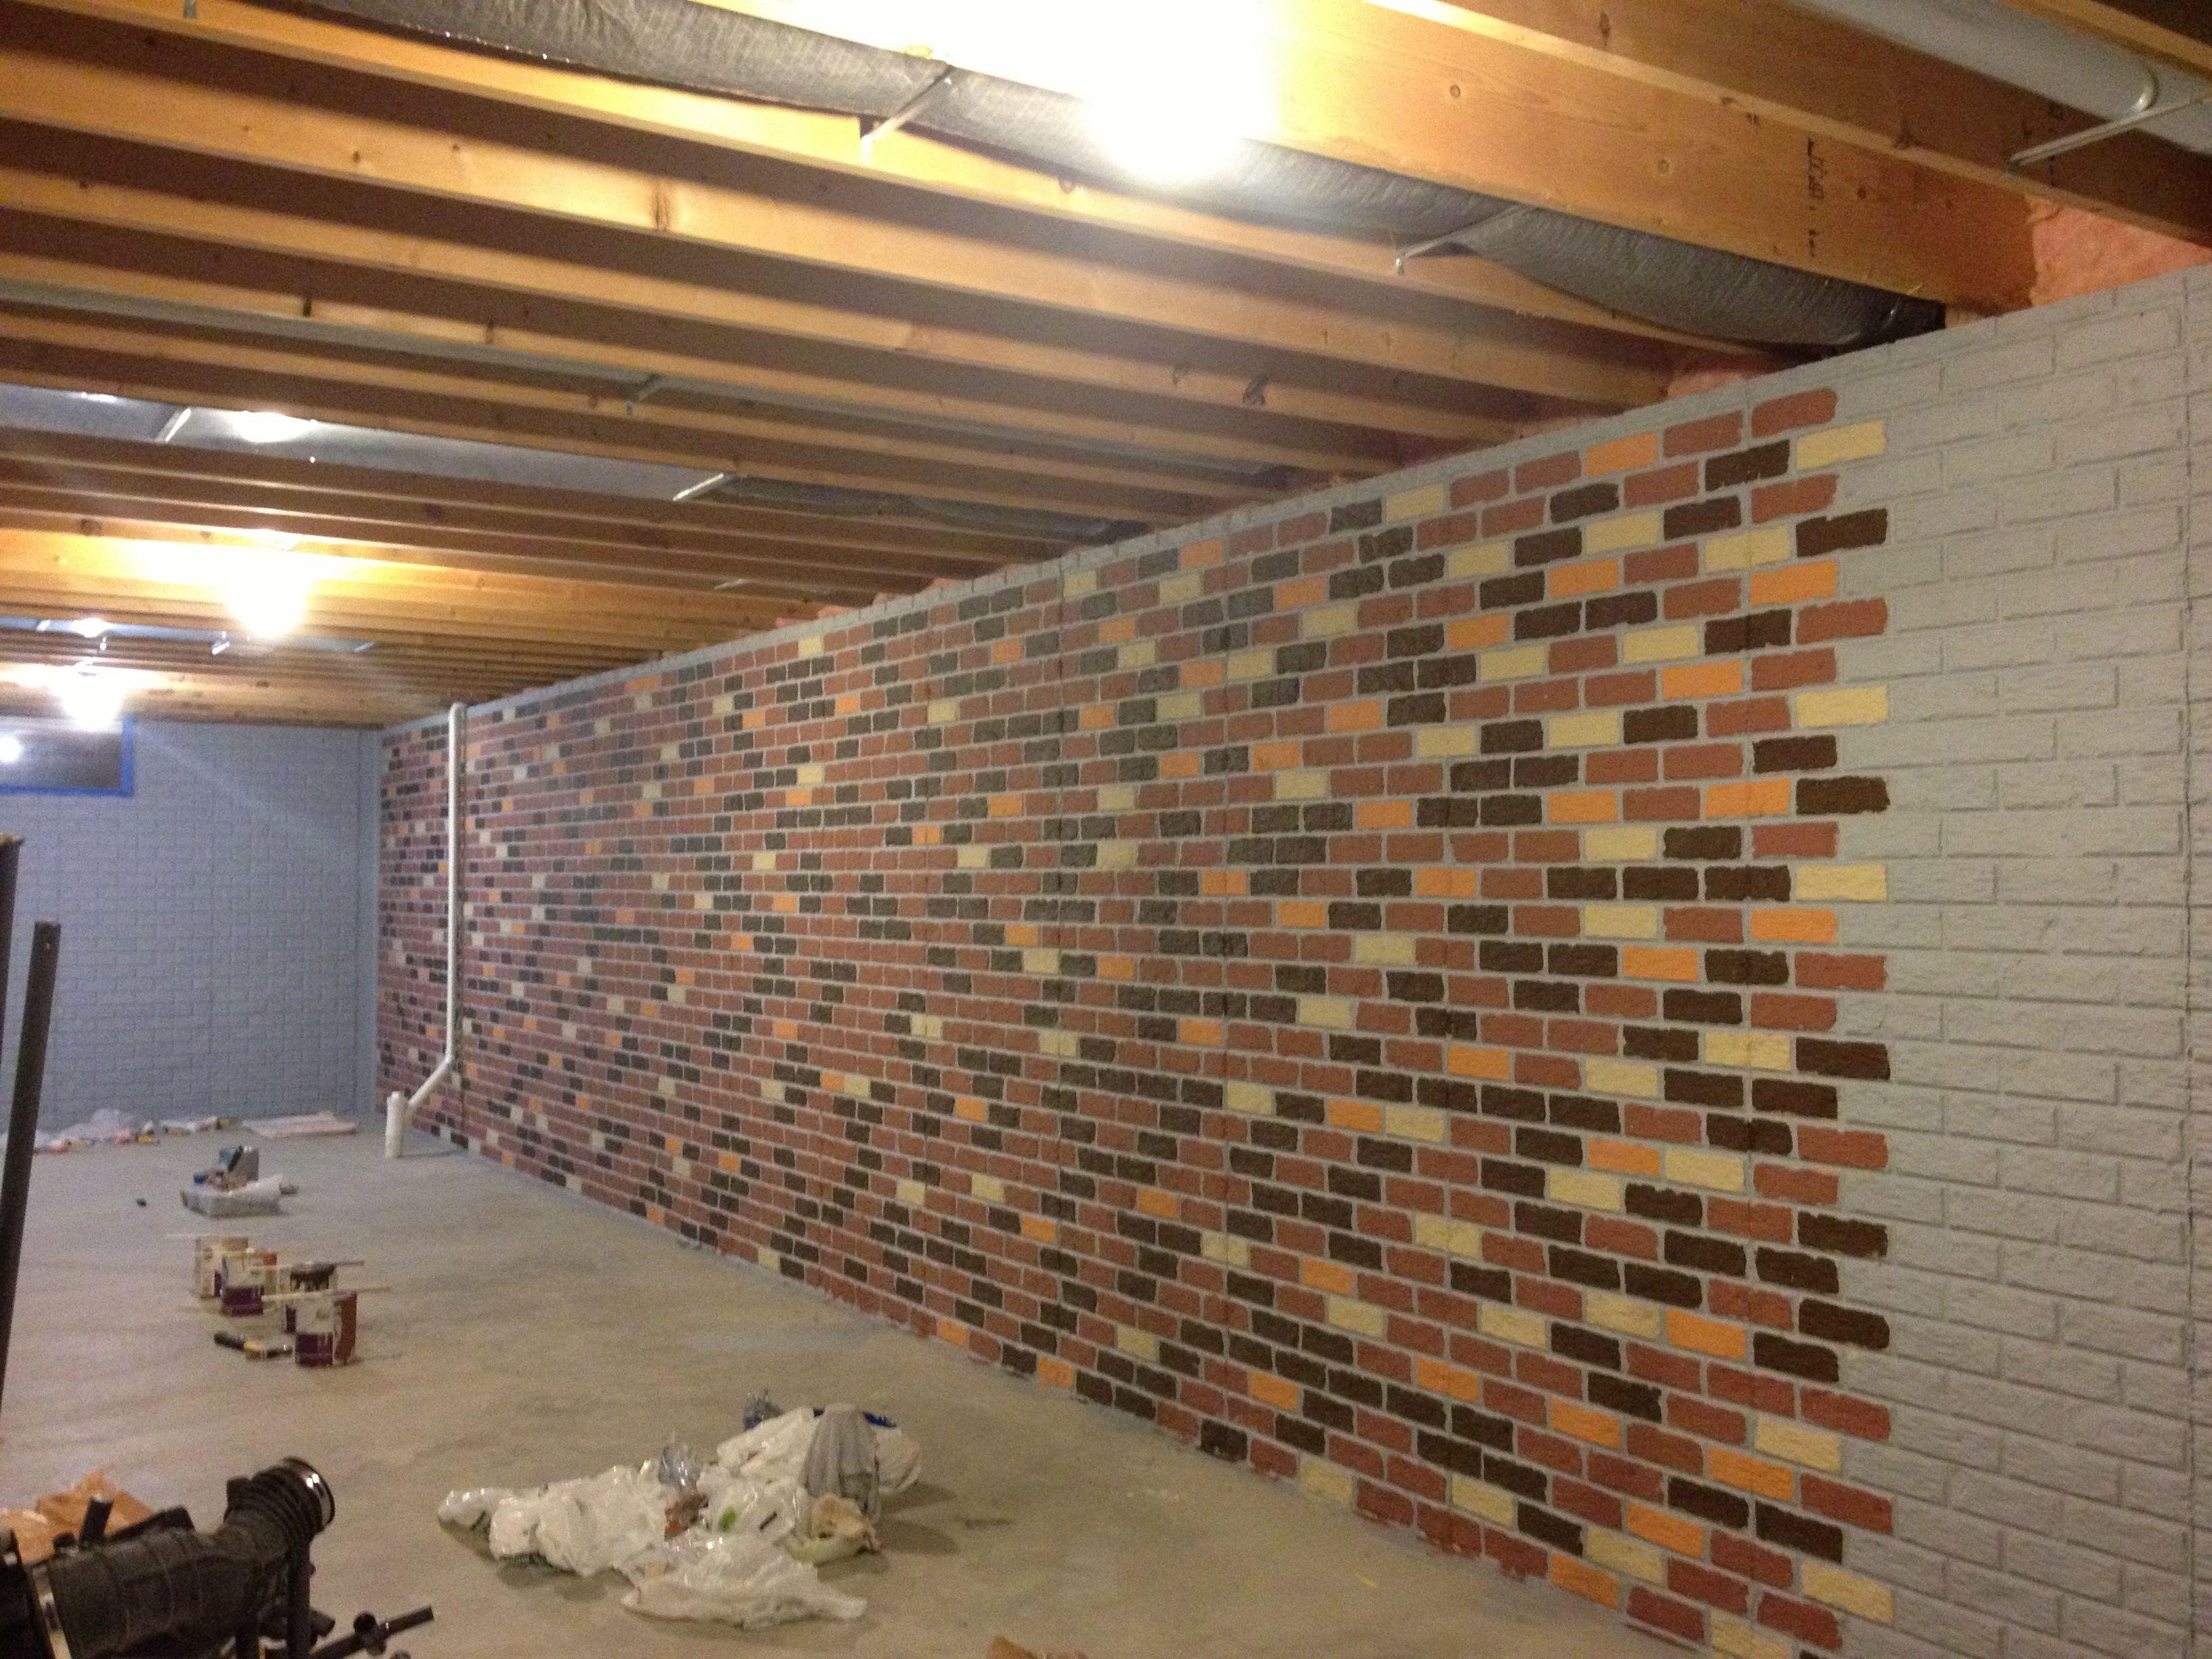 brilliant color ideas for basement walls basementwalls on concrete basement wall paint colors id=99489